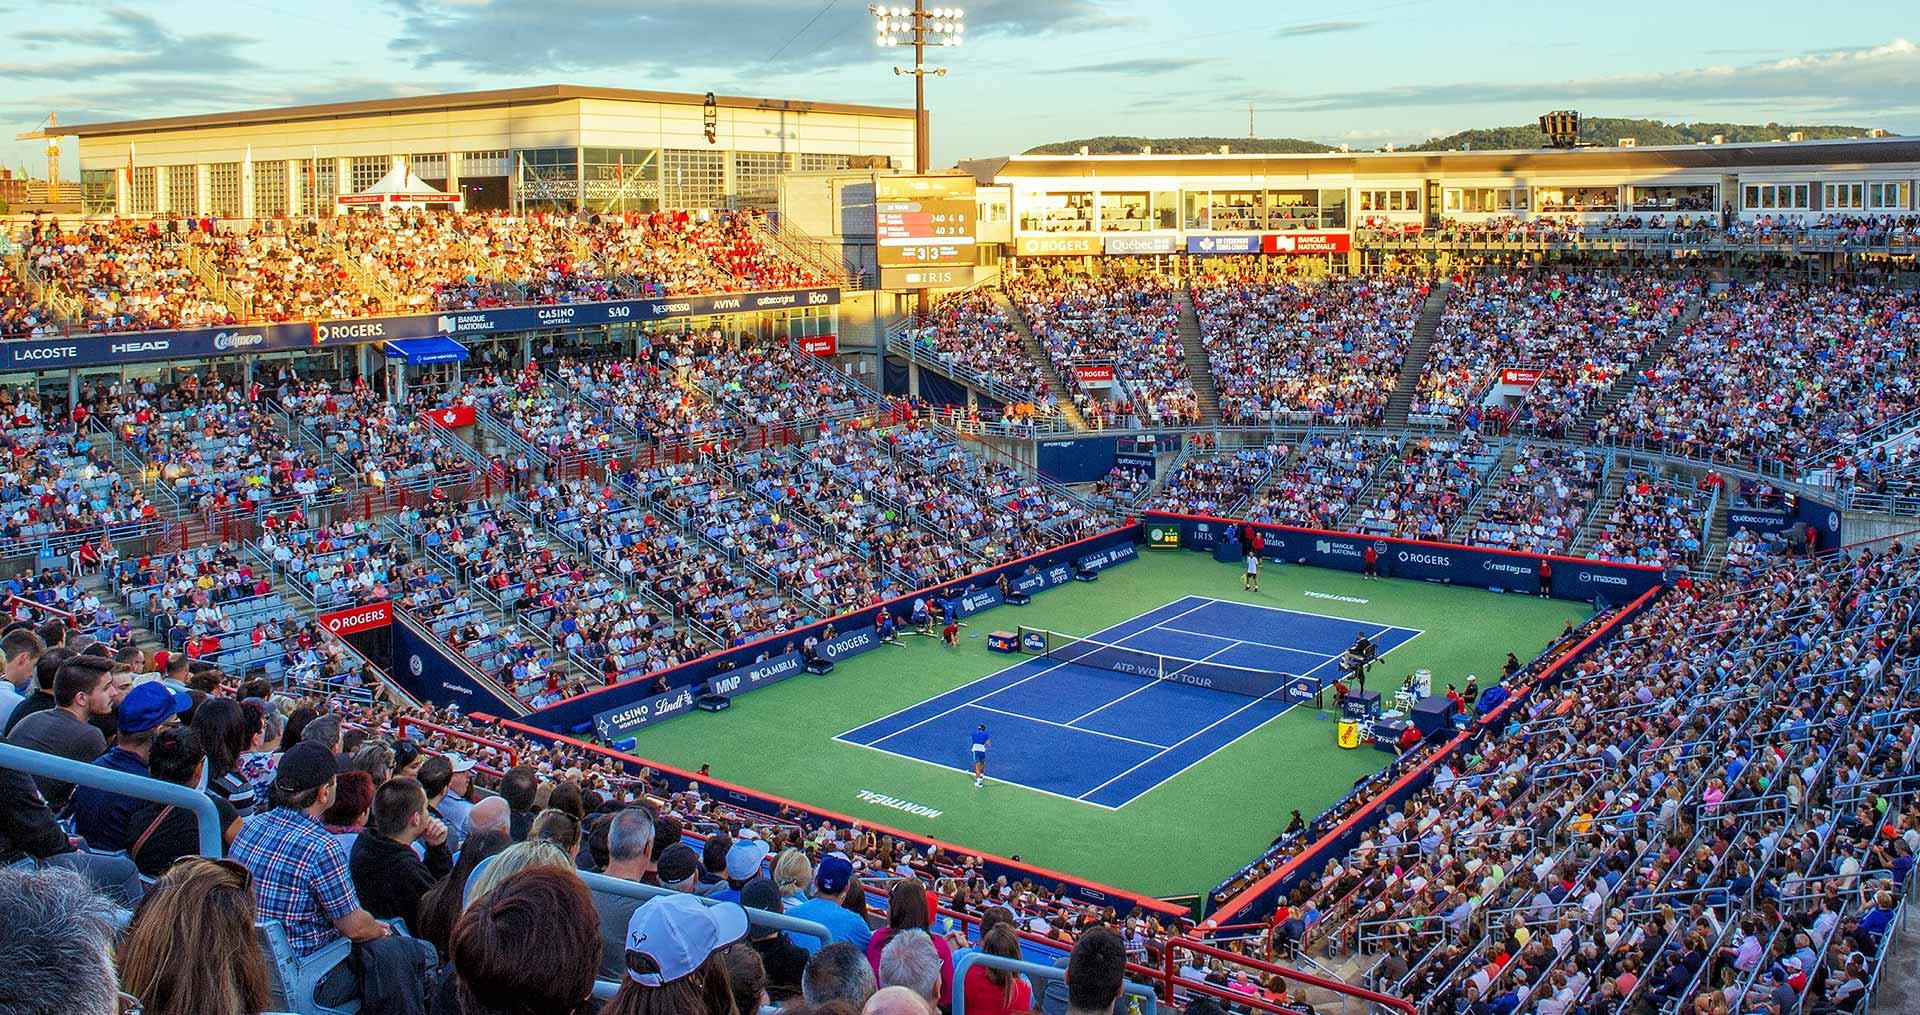 τένις dating Τορόντο ραντεβού με ενδιαφέροντα εφαρμογών